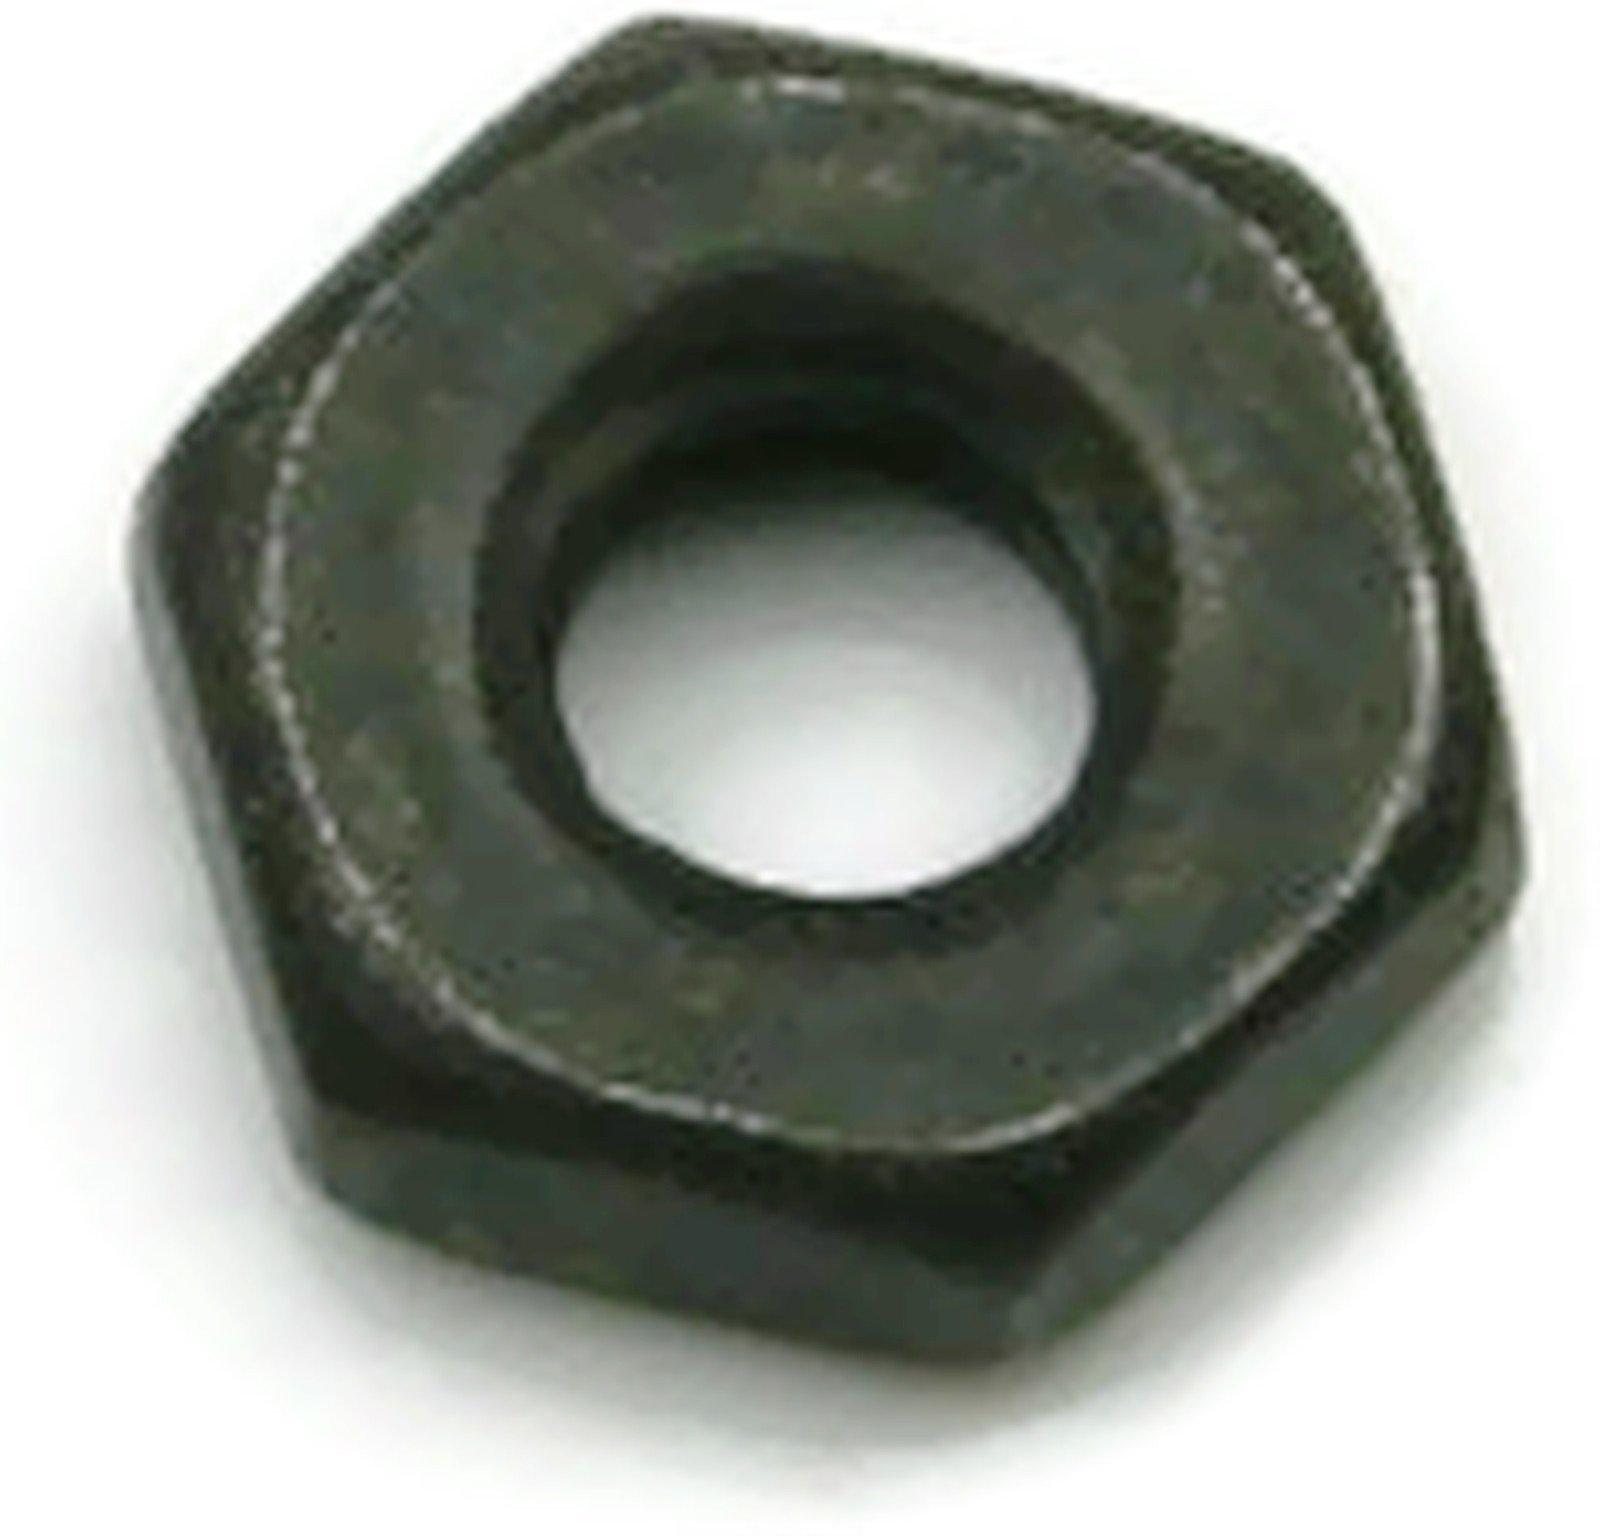 #8//32 Hex Machine Nuts Brass Flats 11//32 x Thick 1//8 Qty-100